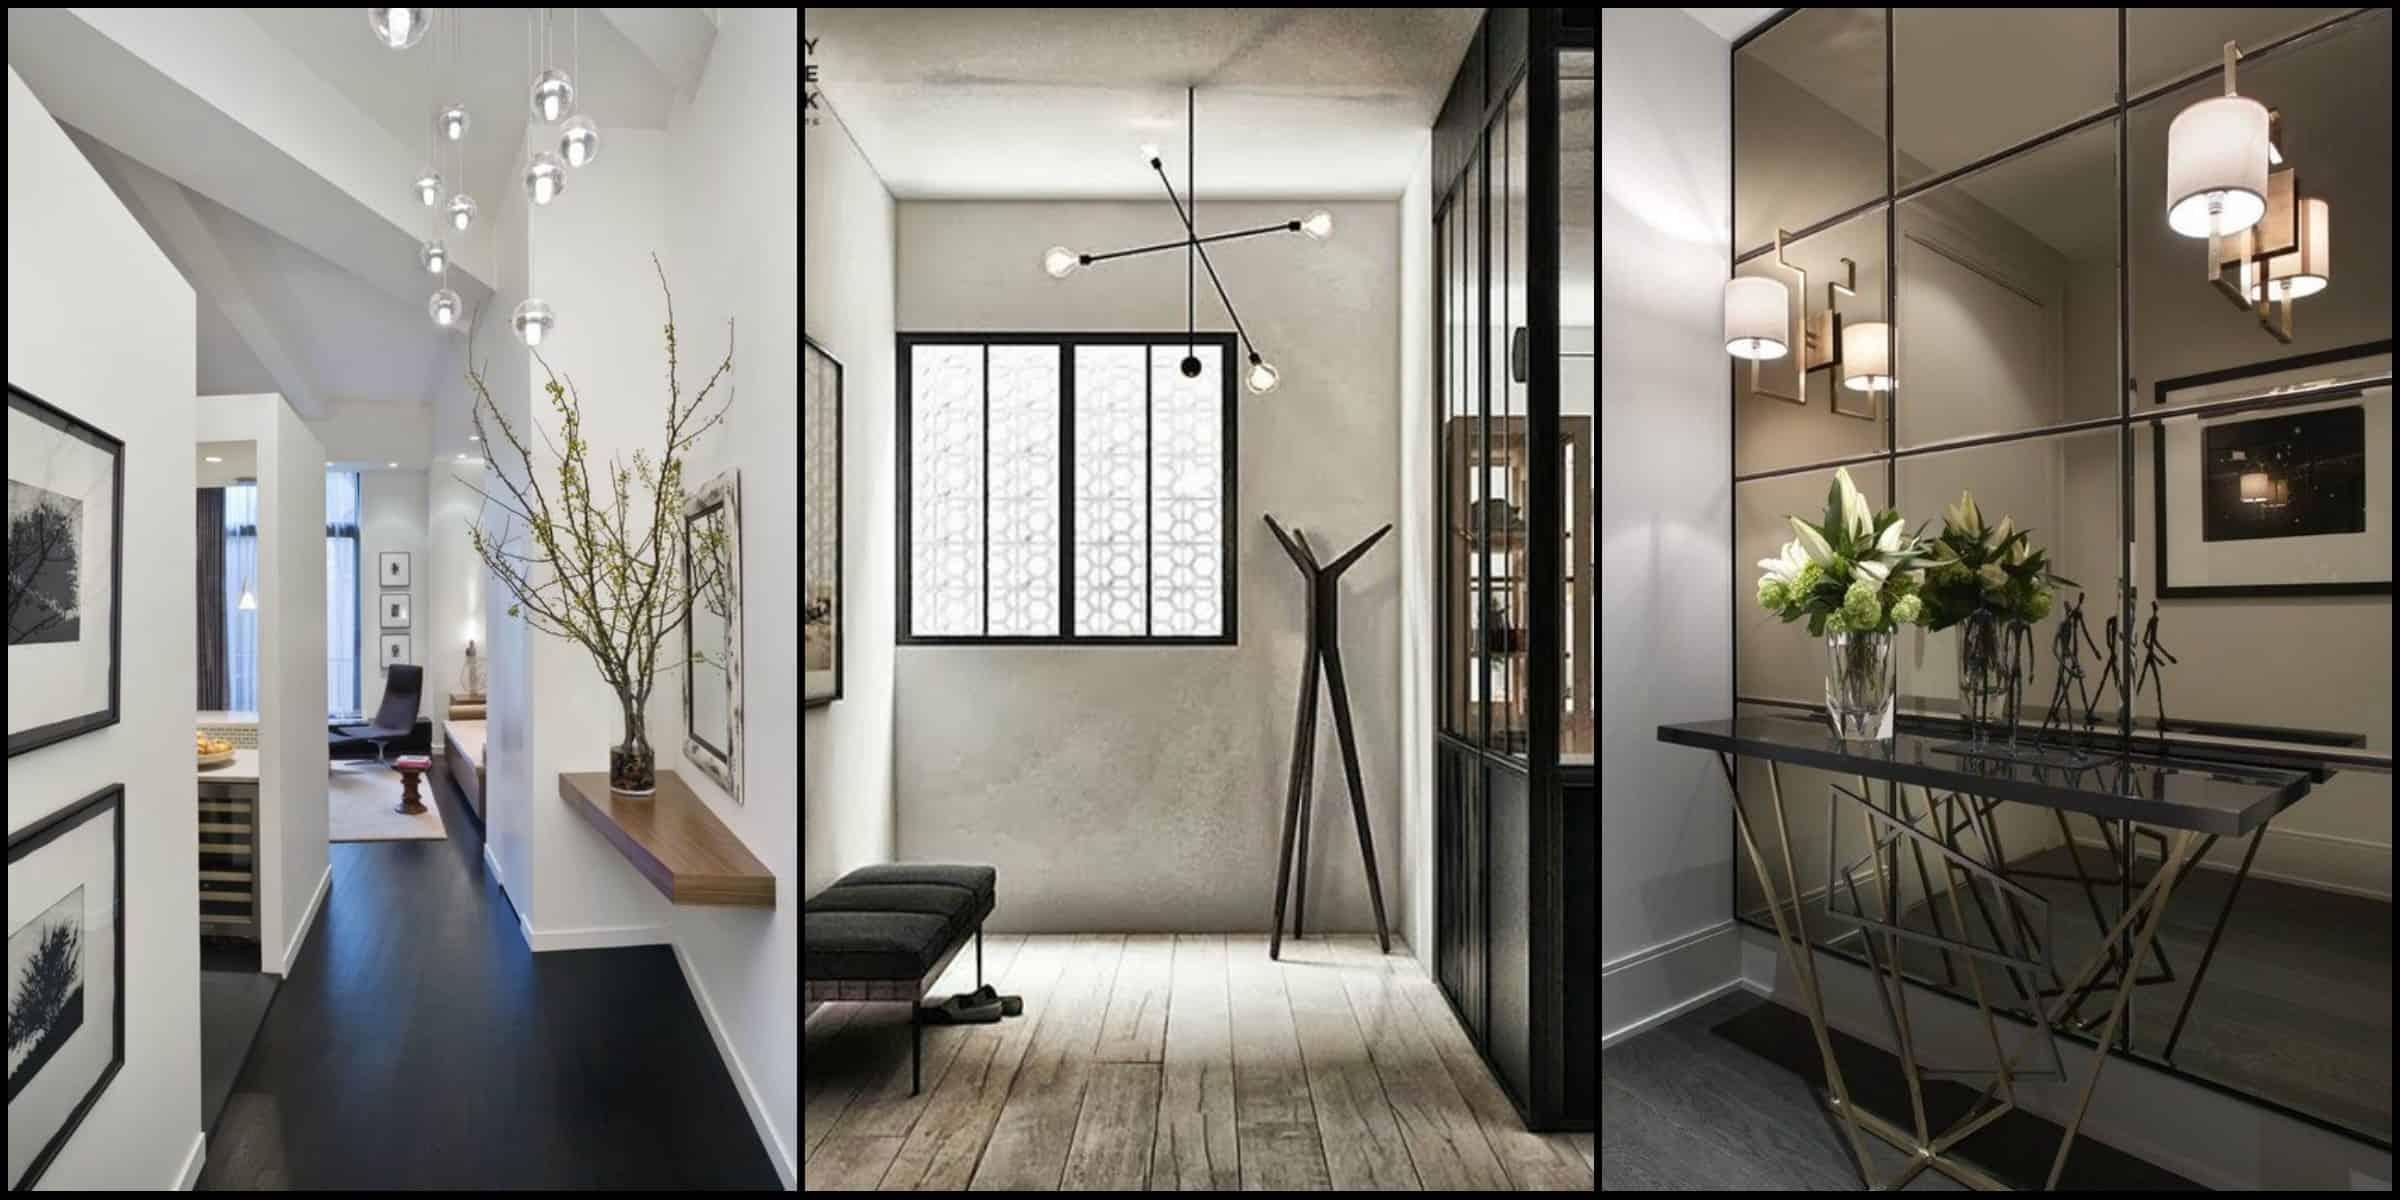 arredare la casa ingresso e corridoi arscity On ingresso casa design